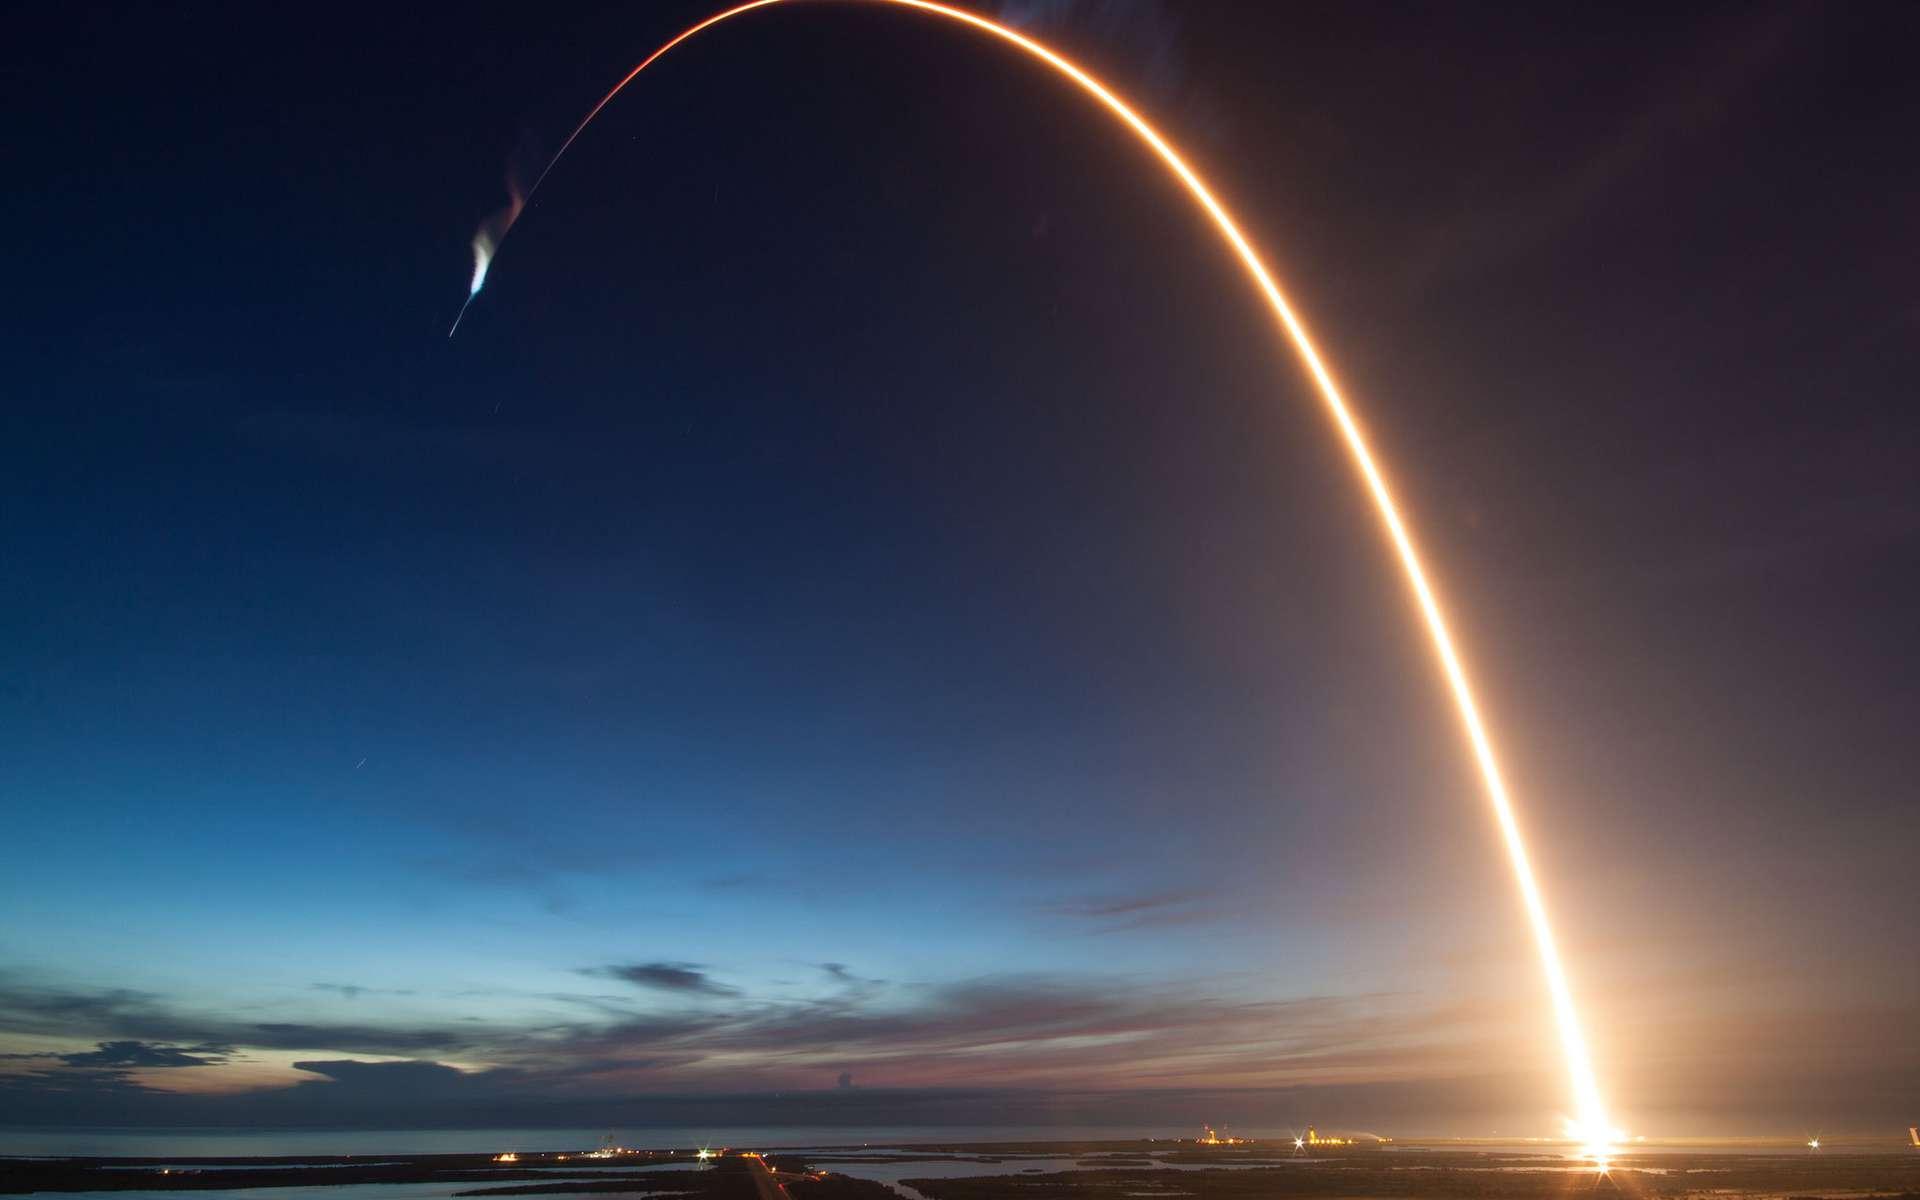 Les lancements de fusées spatiales perturbent le trafic aérien. © Space X